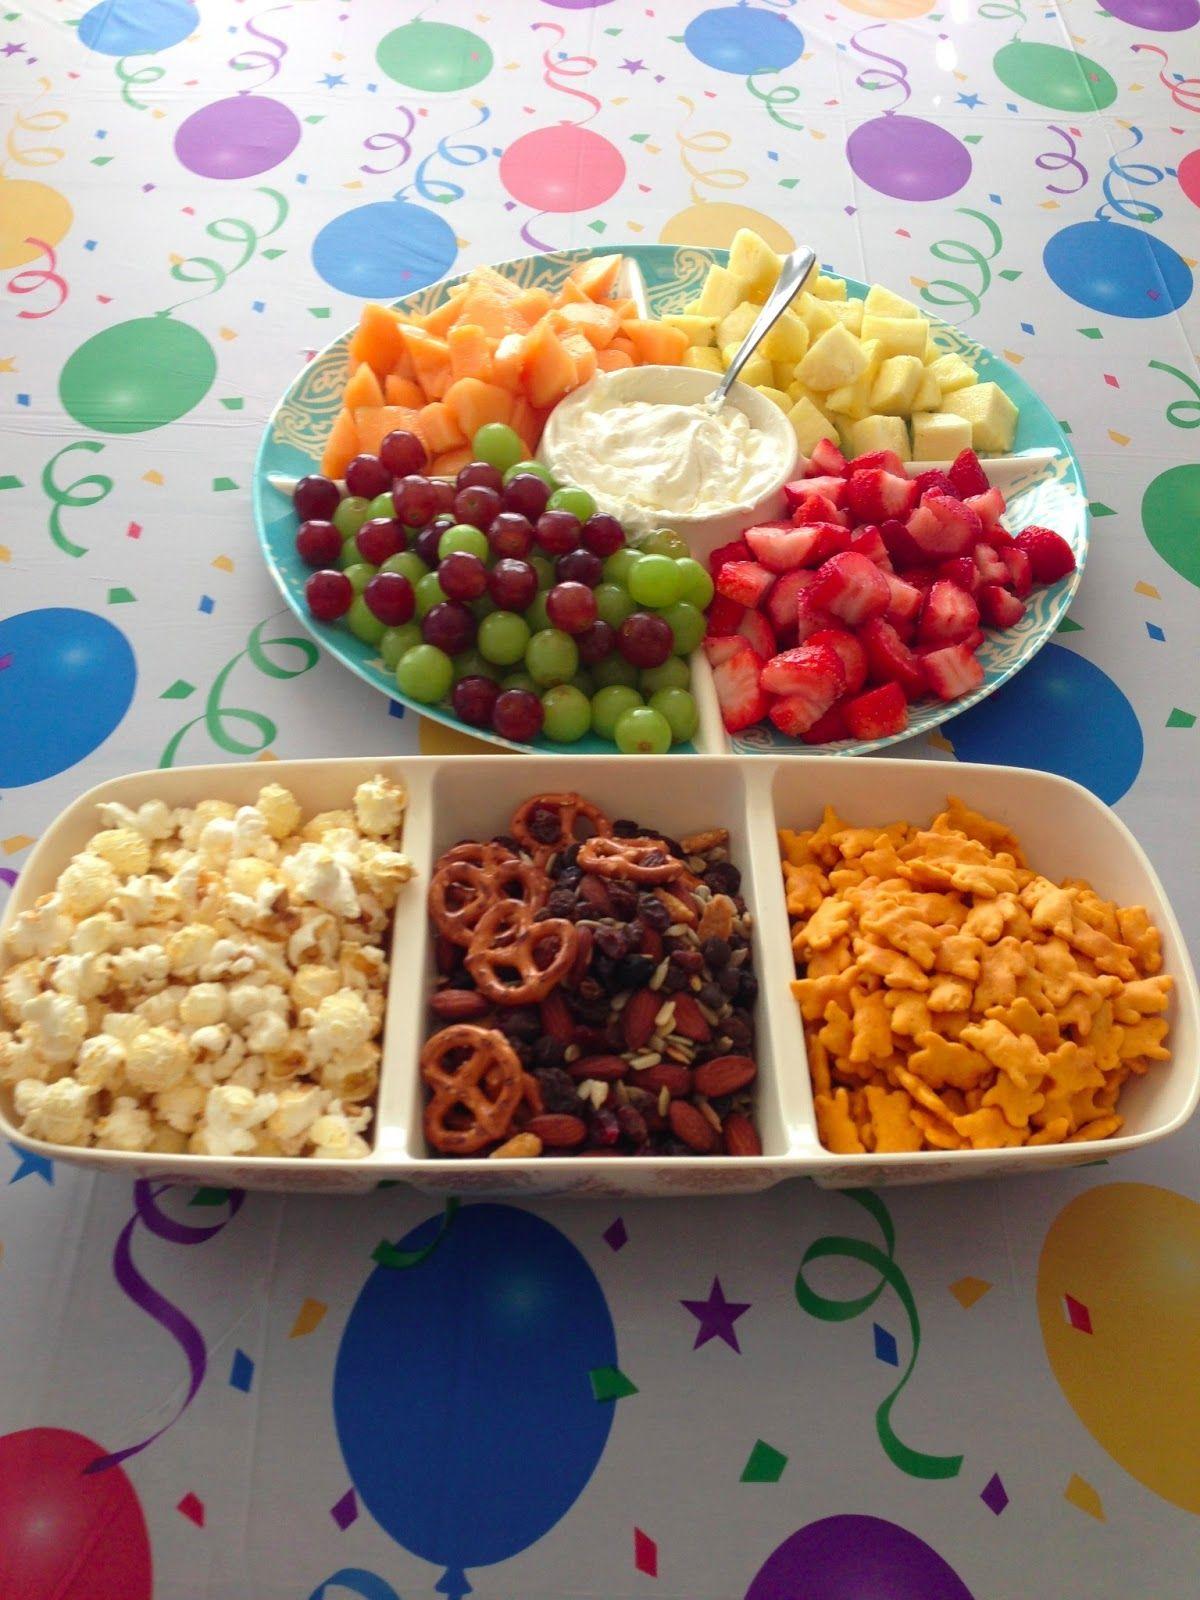 Healthy Kids Birthday Party Birthday snacks